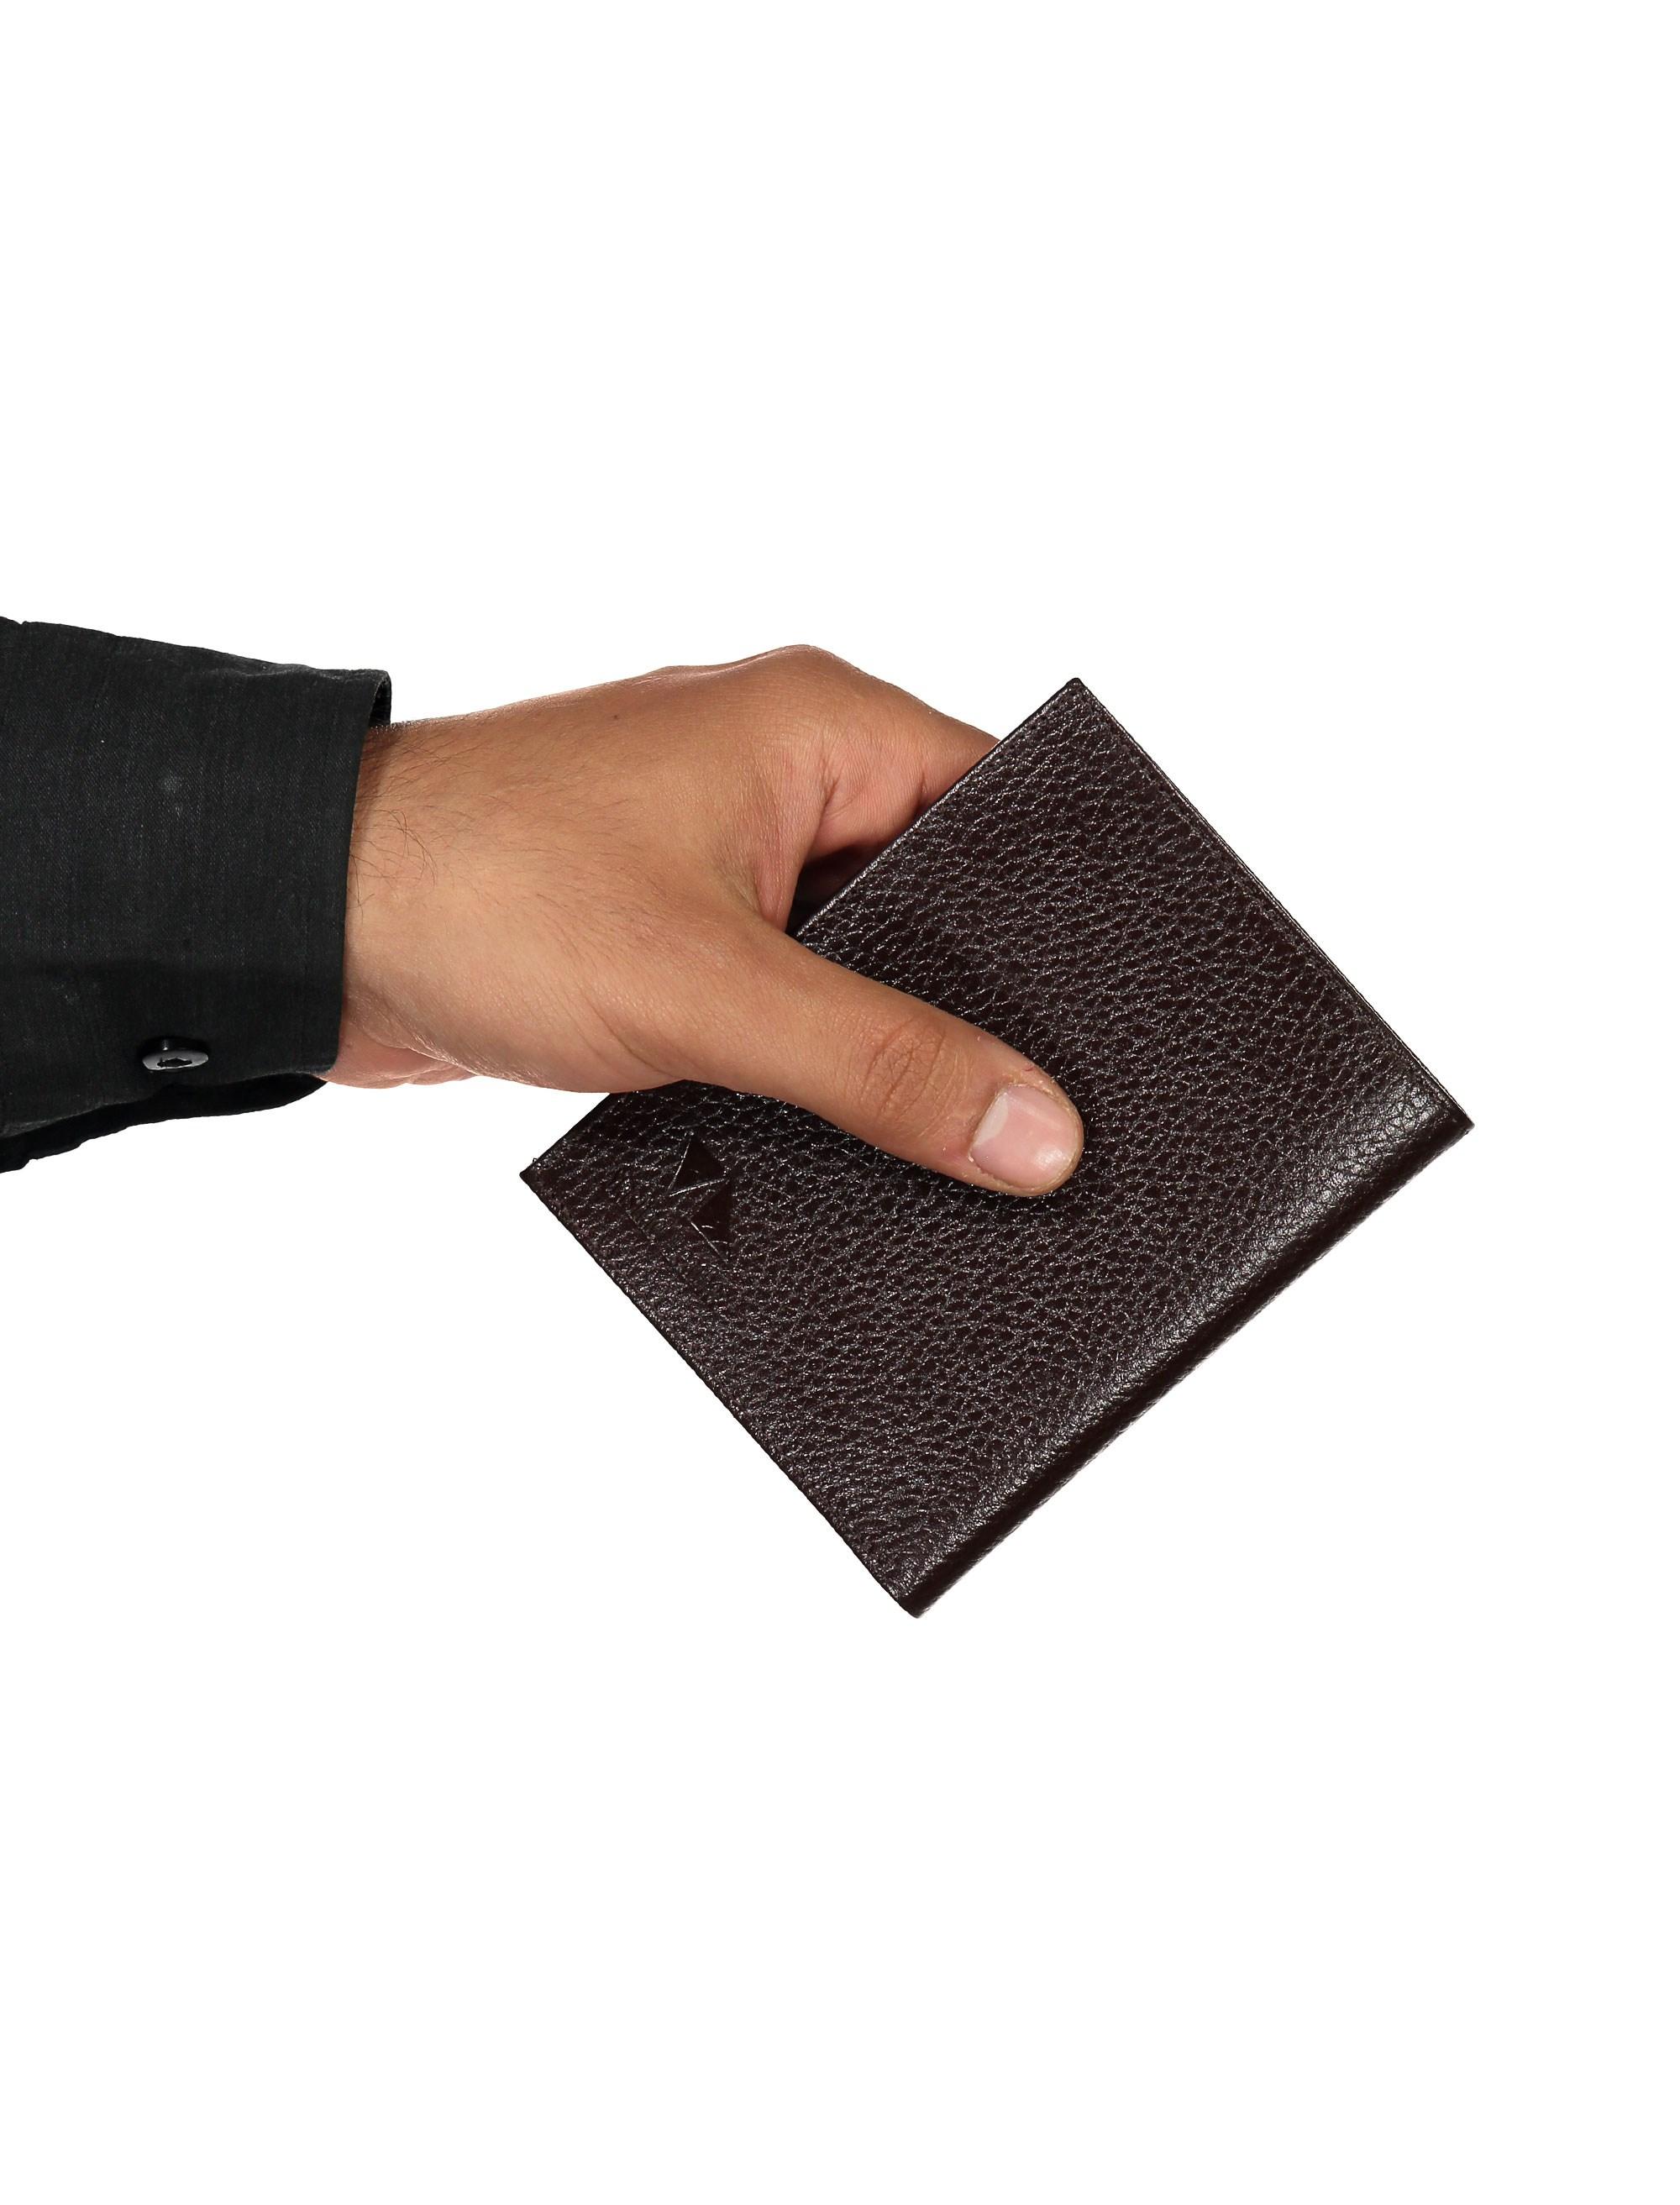 کیف پول چرم کتابی مردانه - چرم مشهد - قهوه اي - 6